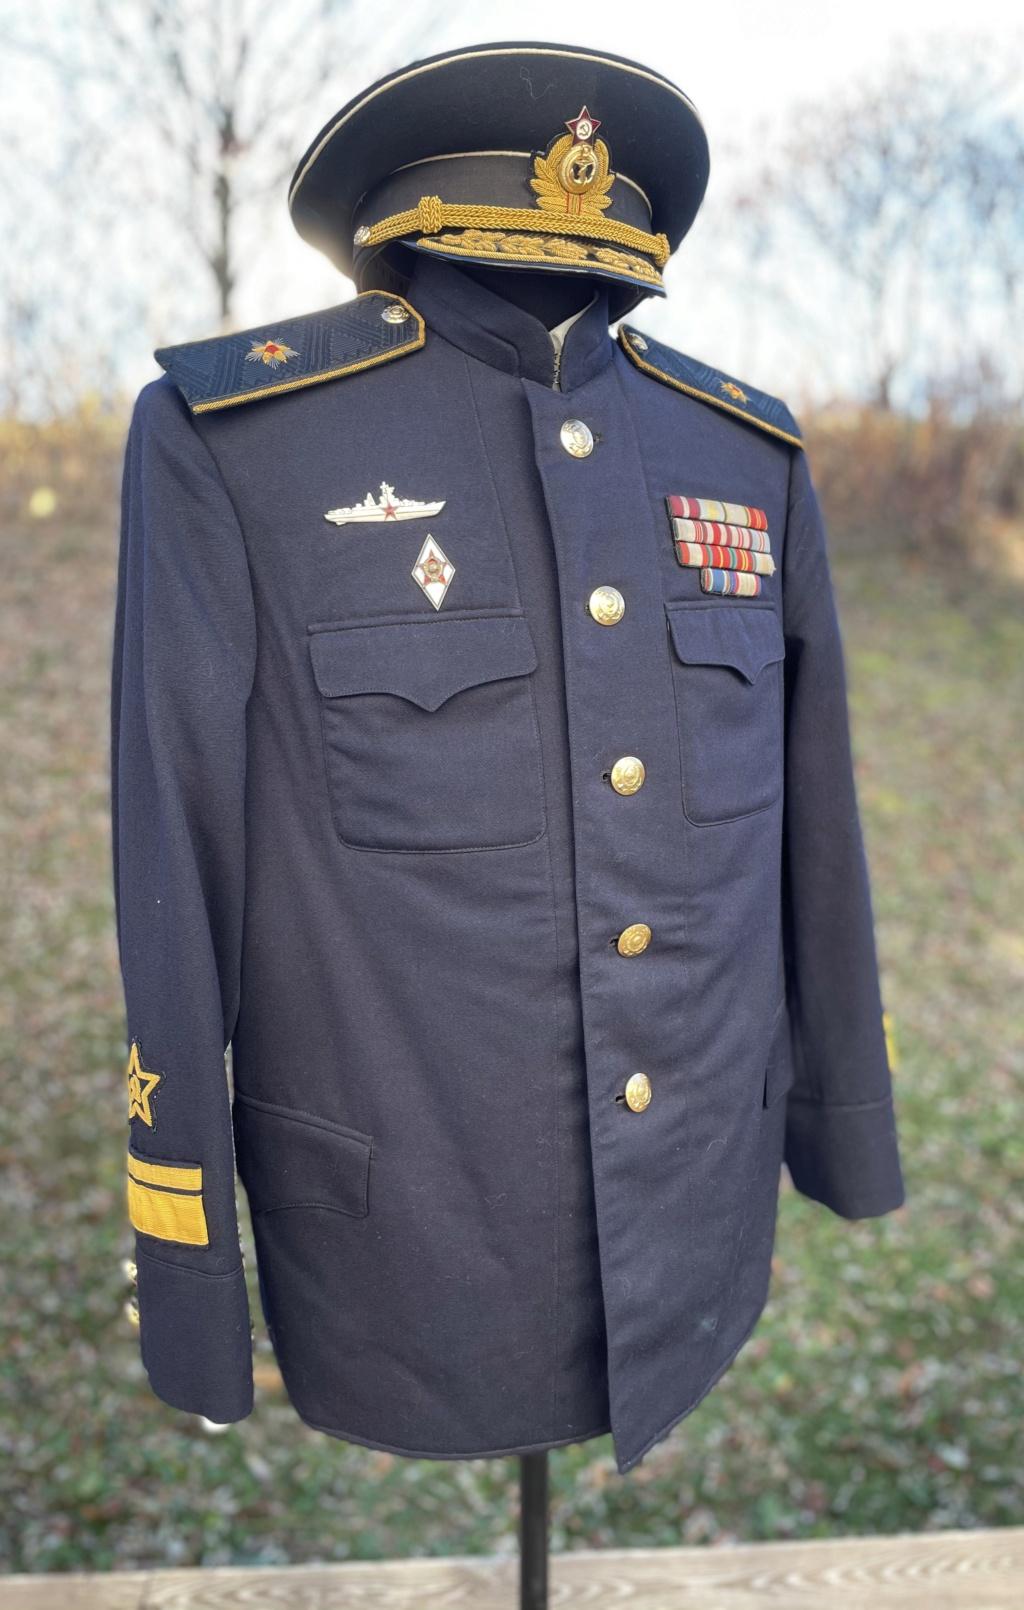 Ma collection d'uniformes et de médailles - Page 2 D041c010